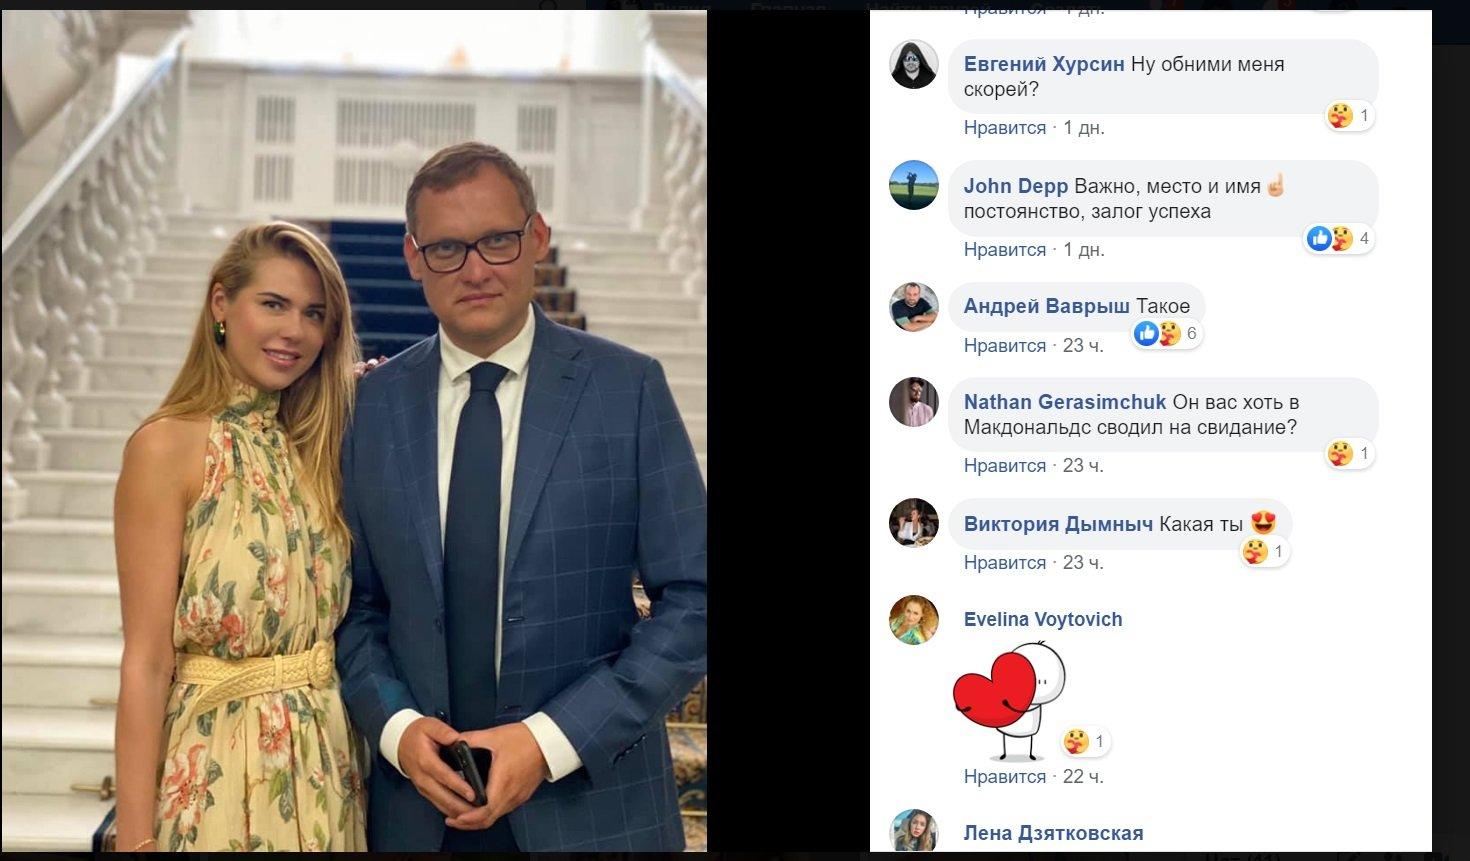 Экс-пассия Андрея Богдана встречается с его заместителем: любовные страсти на Банковой